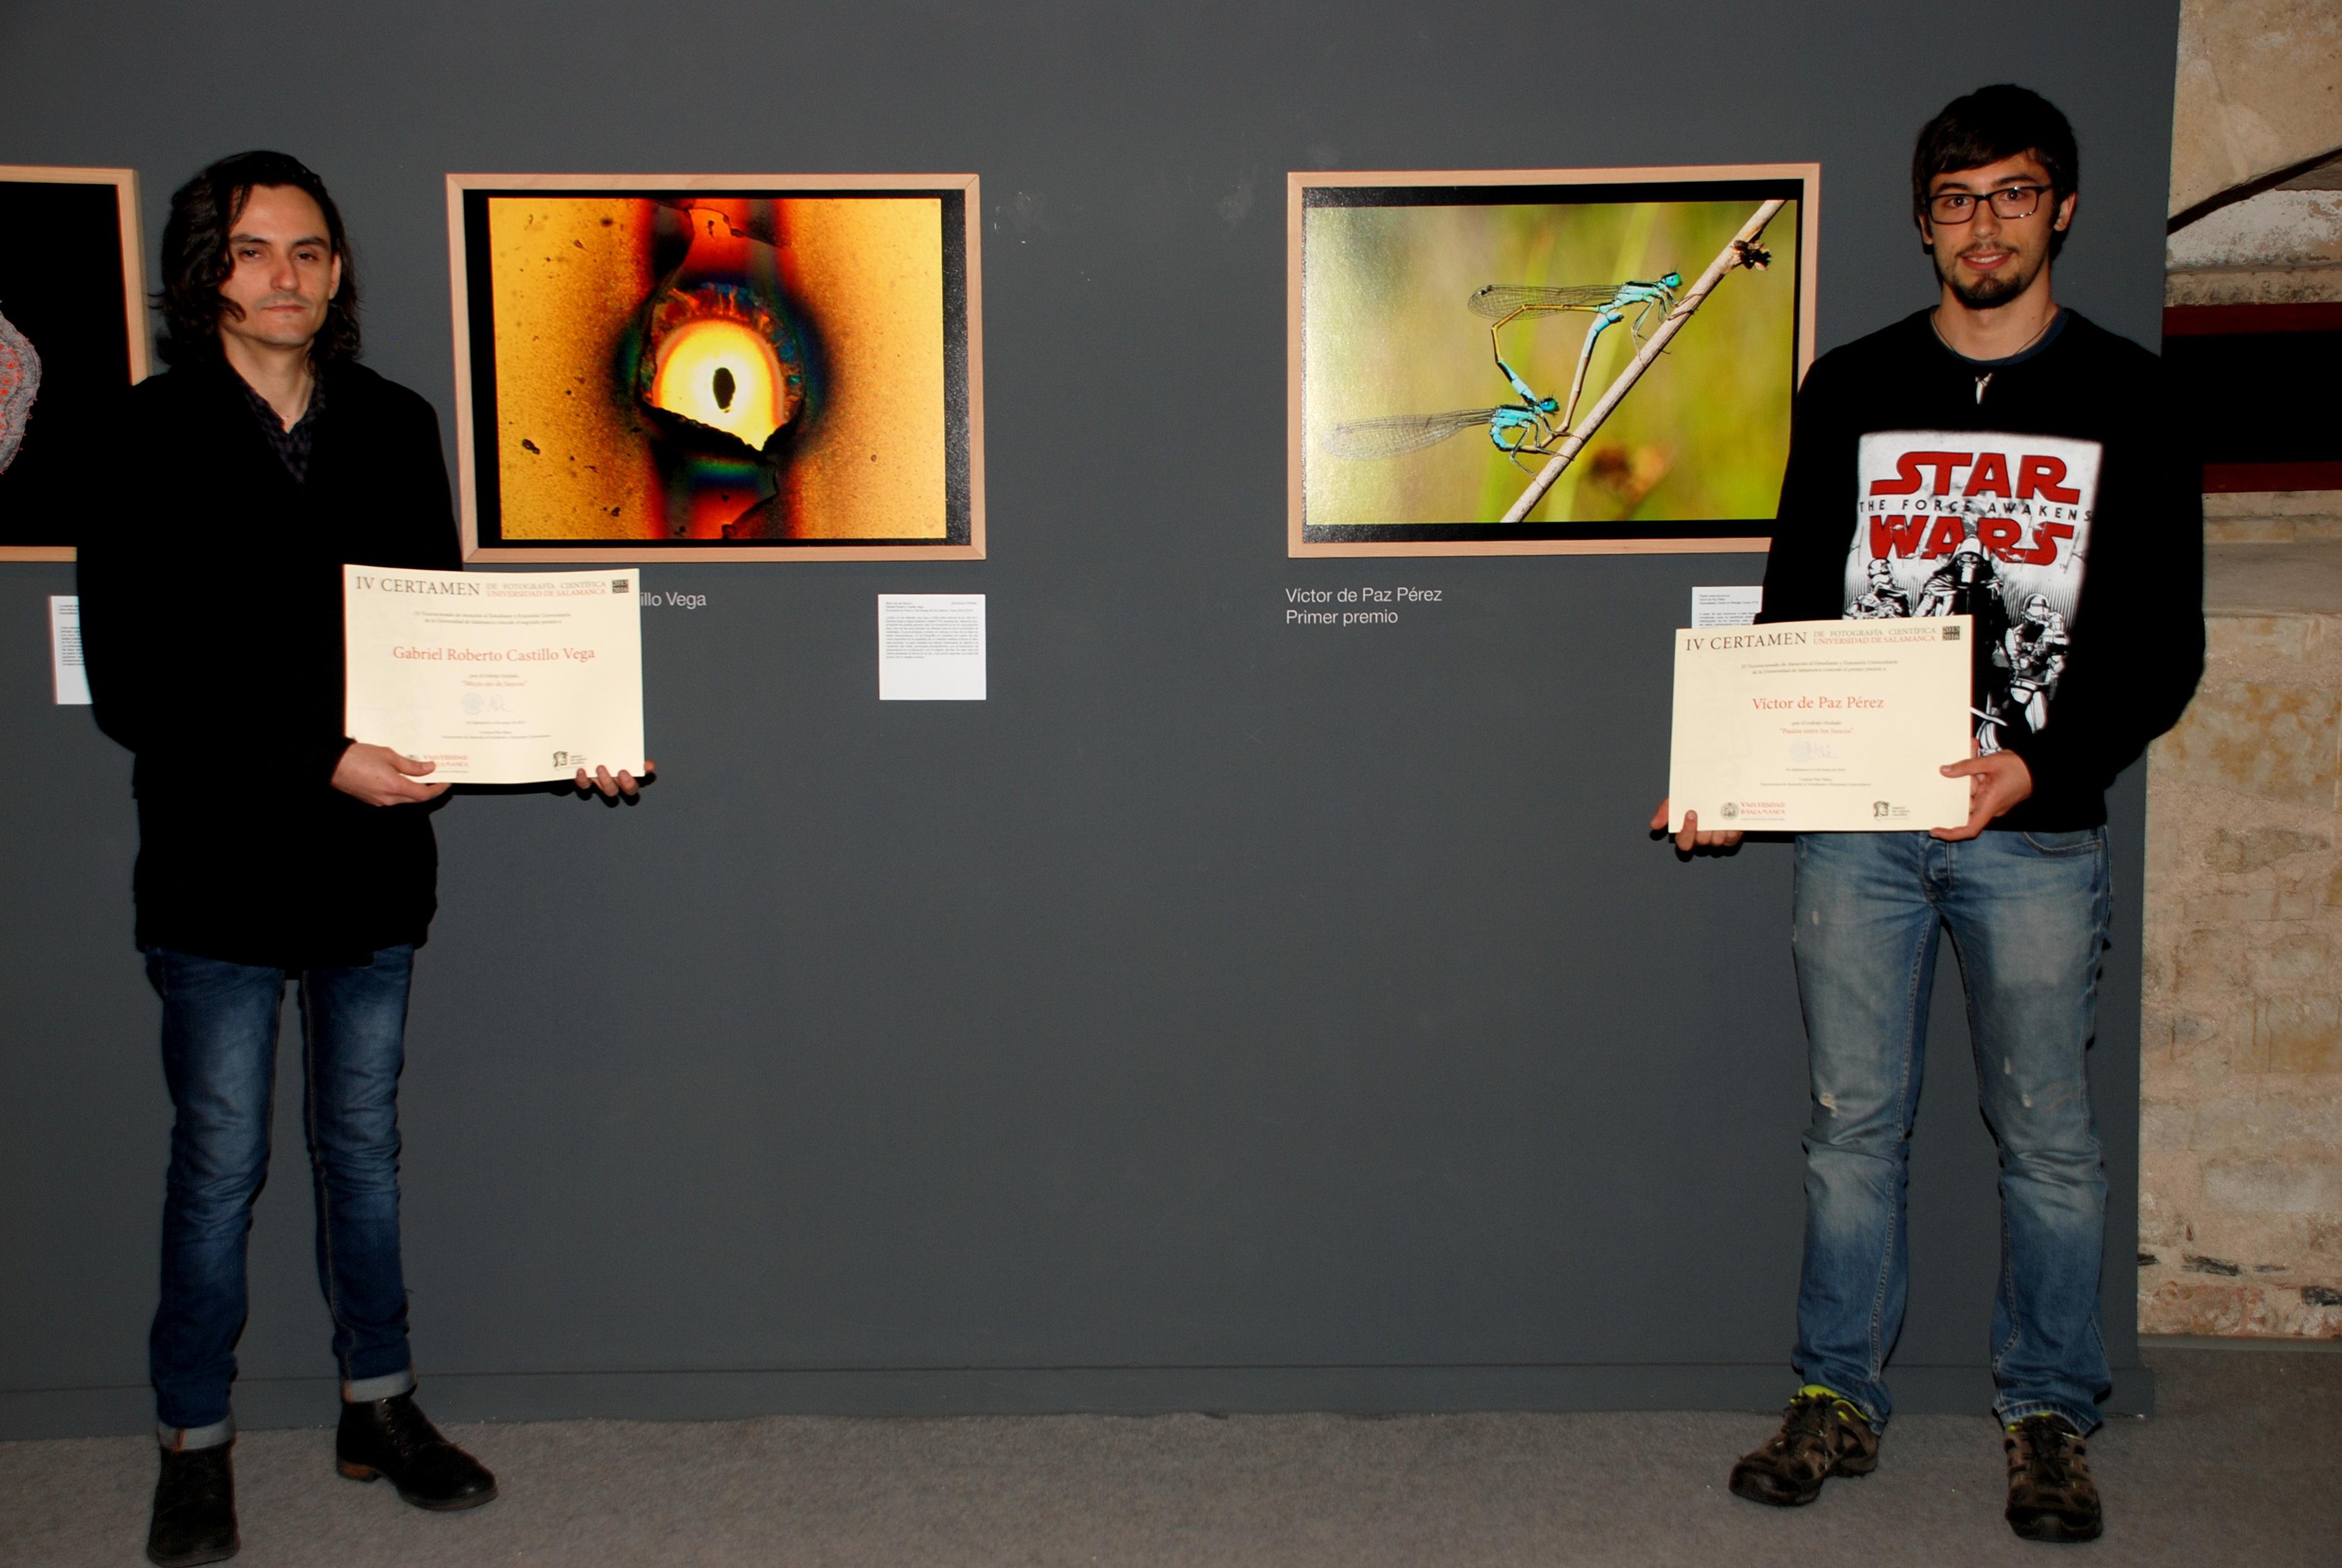 El Servicio de Actividades Culturales entrega los premios del IV Certamen de Fotografía Científica